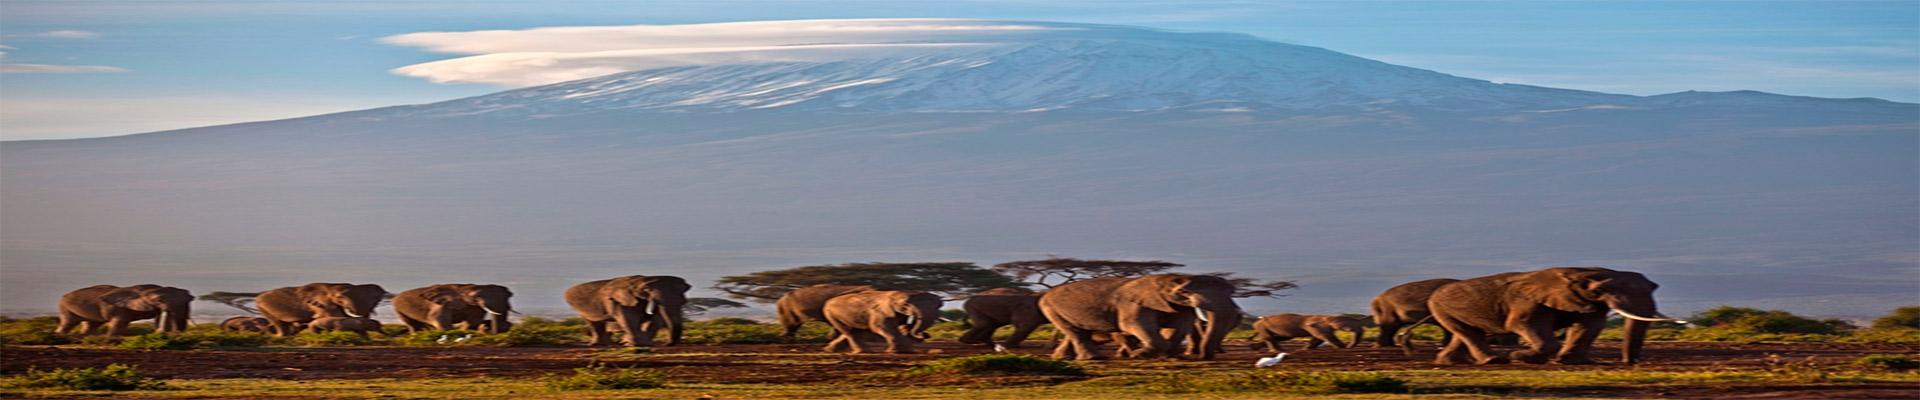 Quênia e Tanzânia Clássica